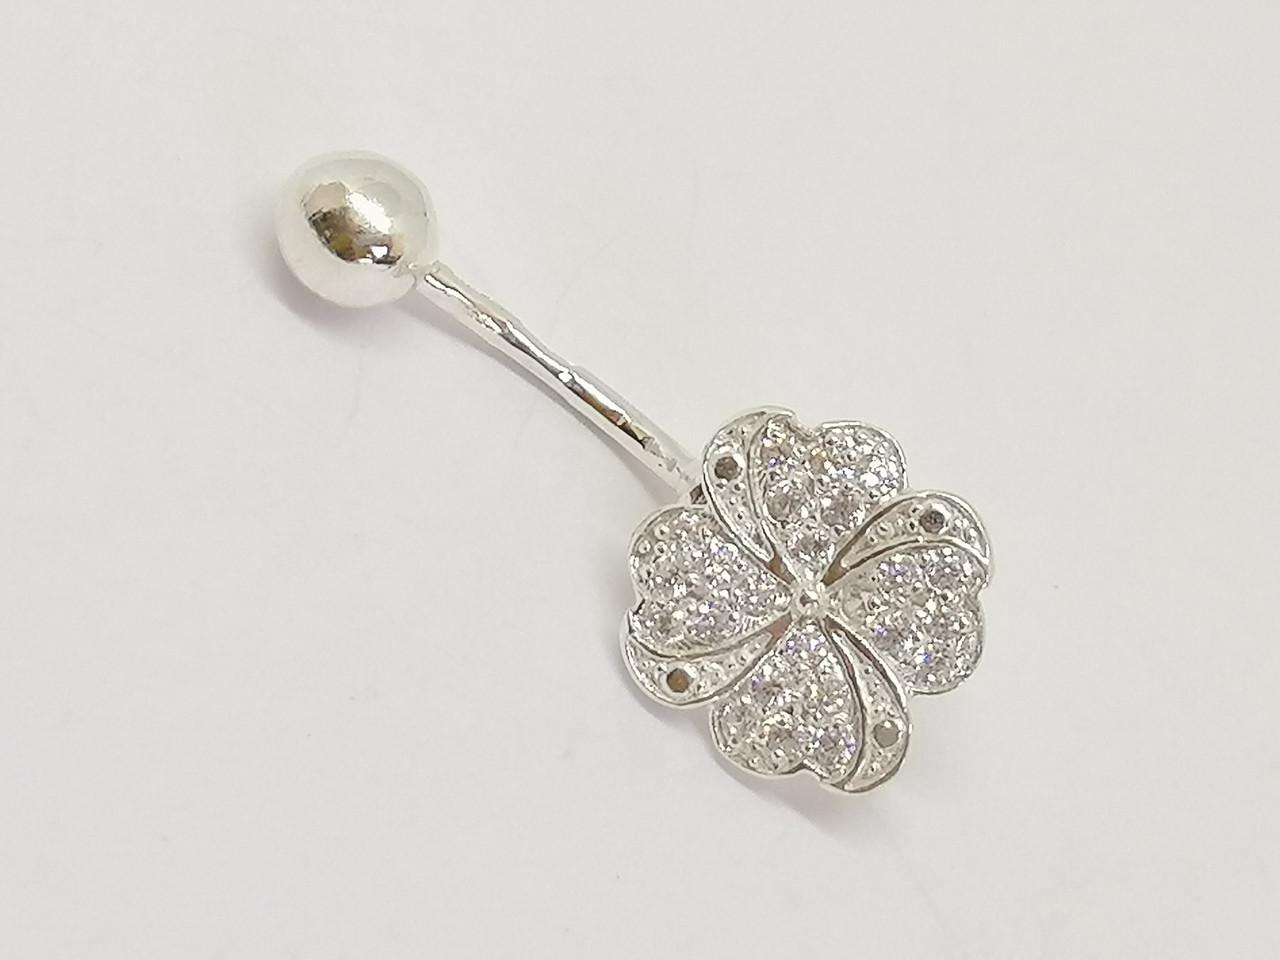 Серебряная серьга для пирсинга пупка с фианитами. Артикул 6070-11